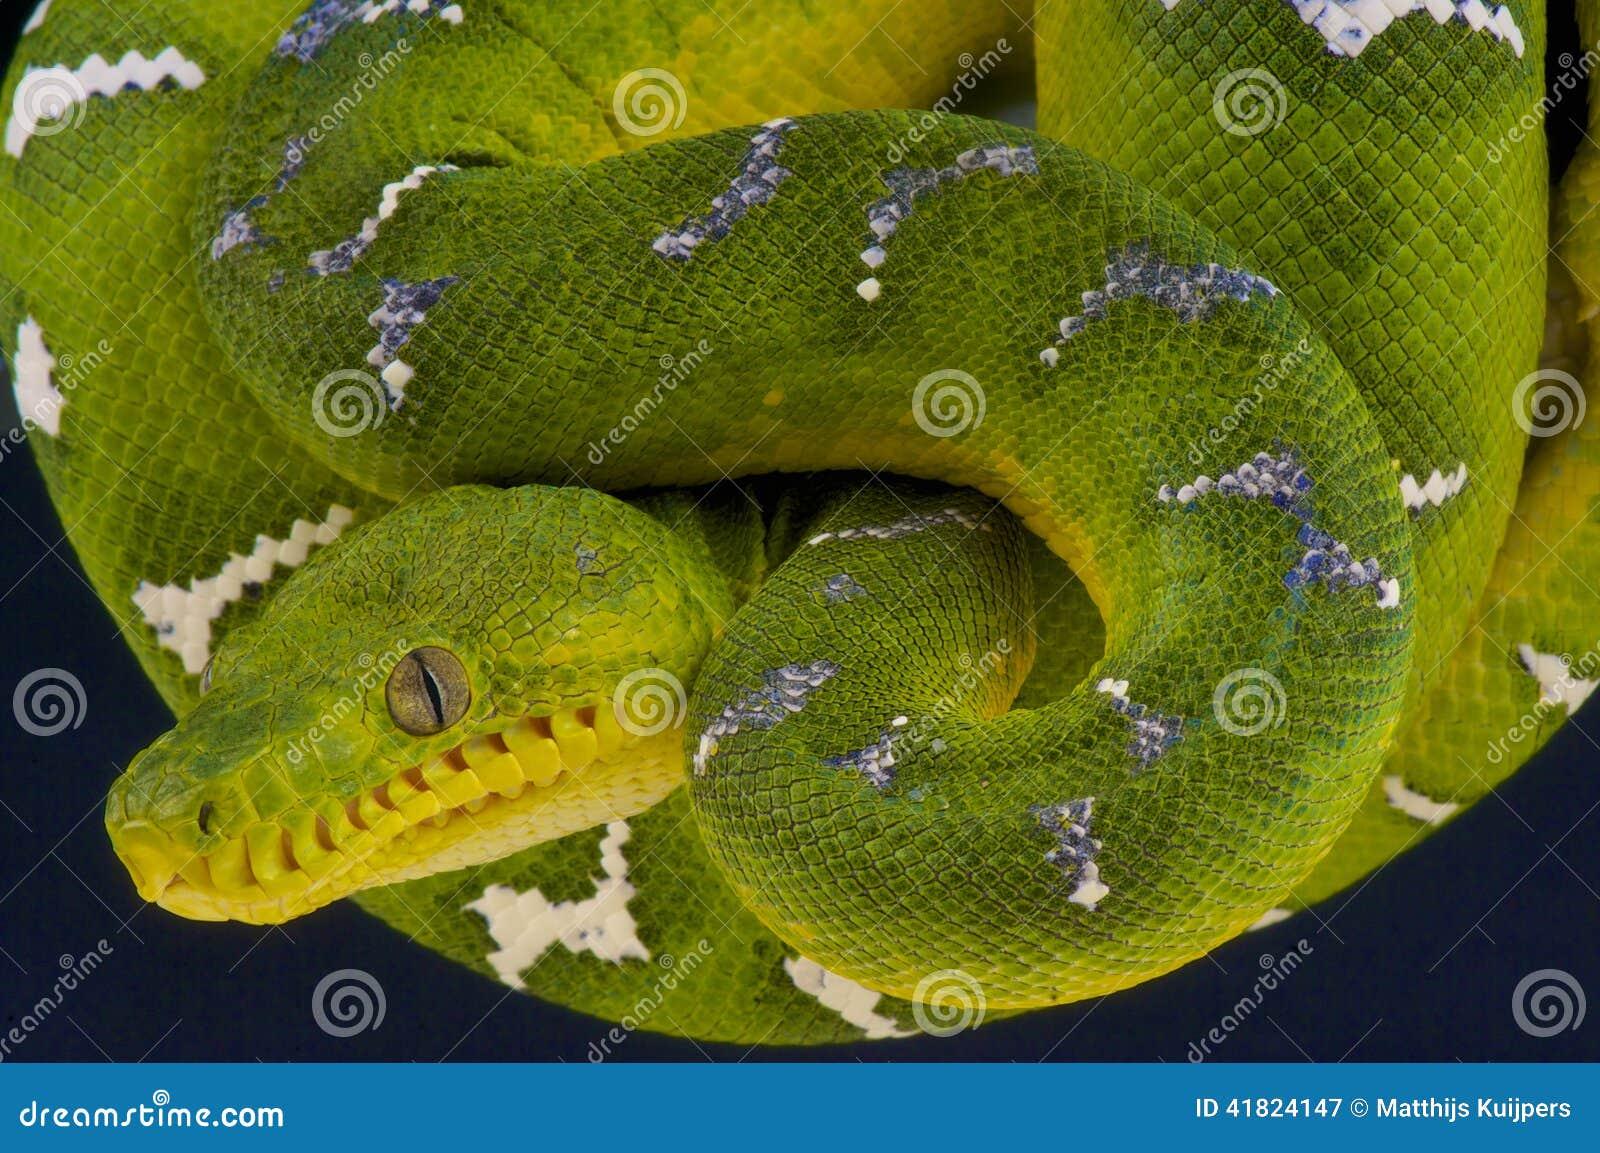 Emerald Tree Boa / Corallus Caninus Stock Image - Image of bright ...